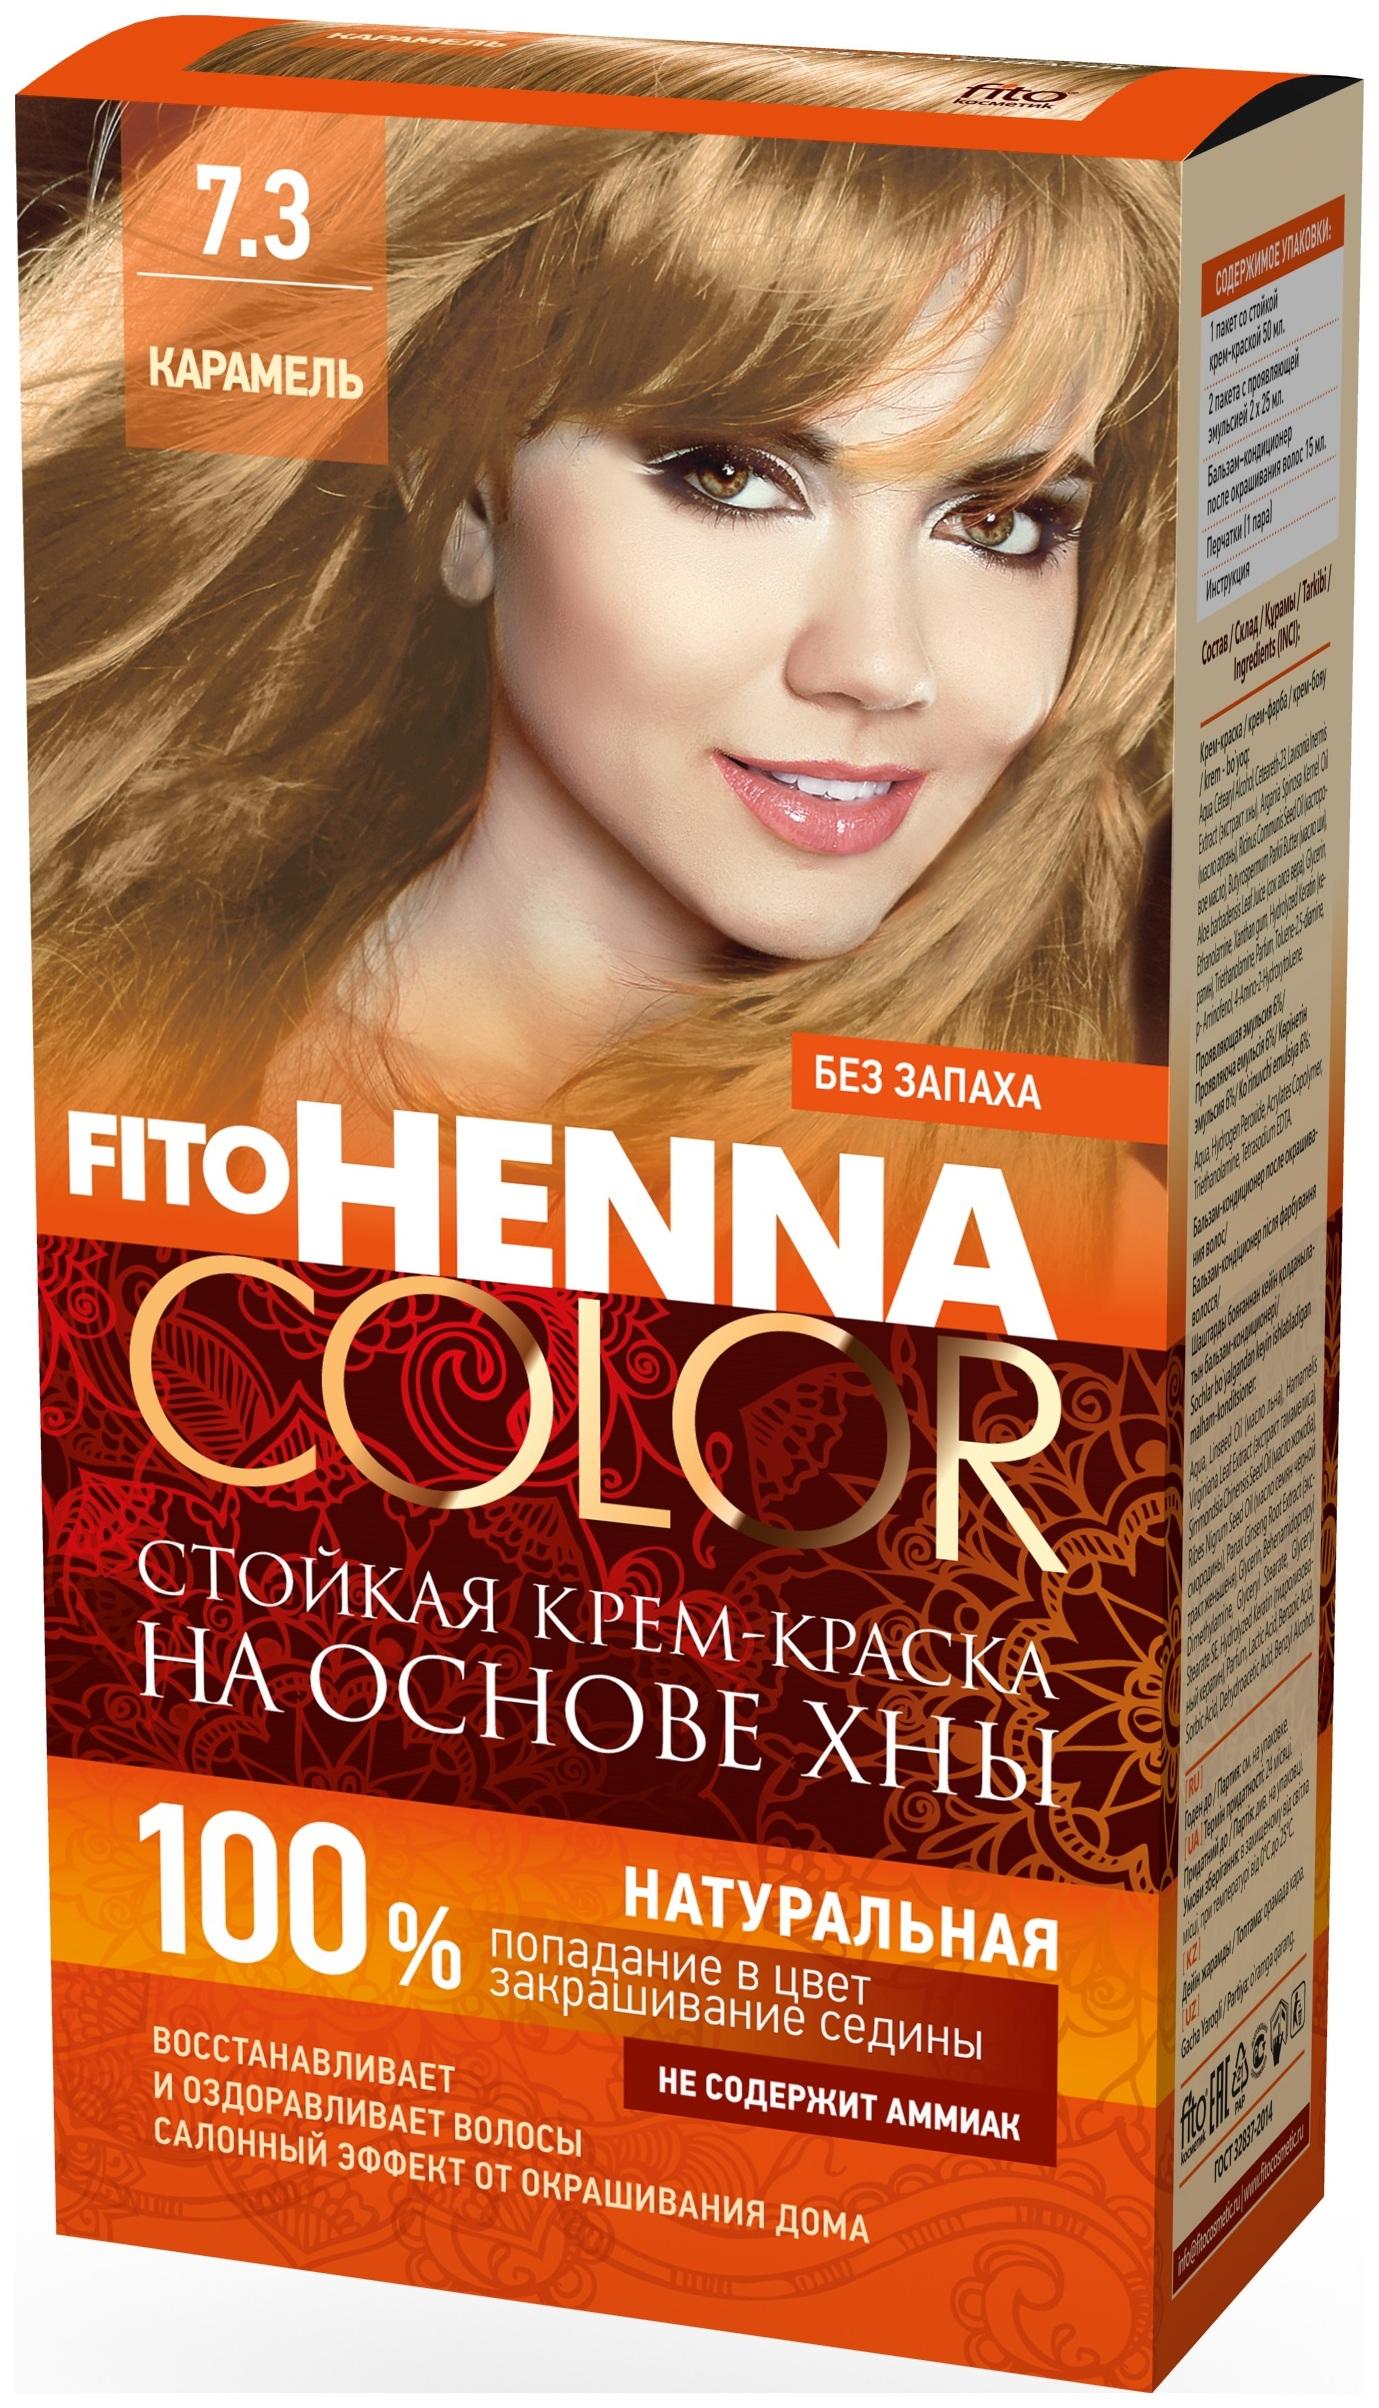 Краска для волос Фитокосметик FitoHenna Color 7.3 Карамель 115 мл